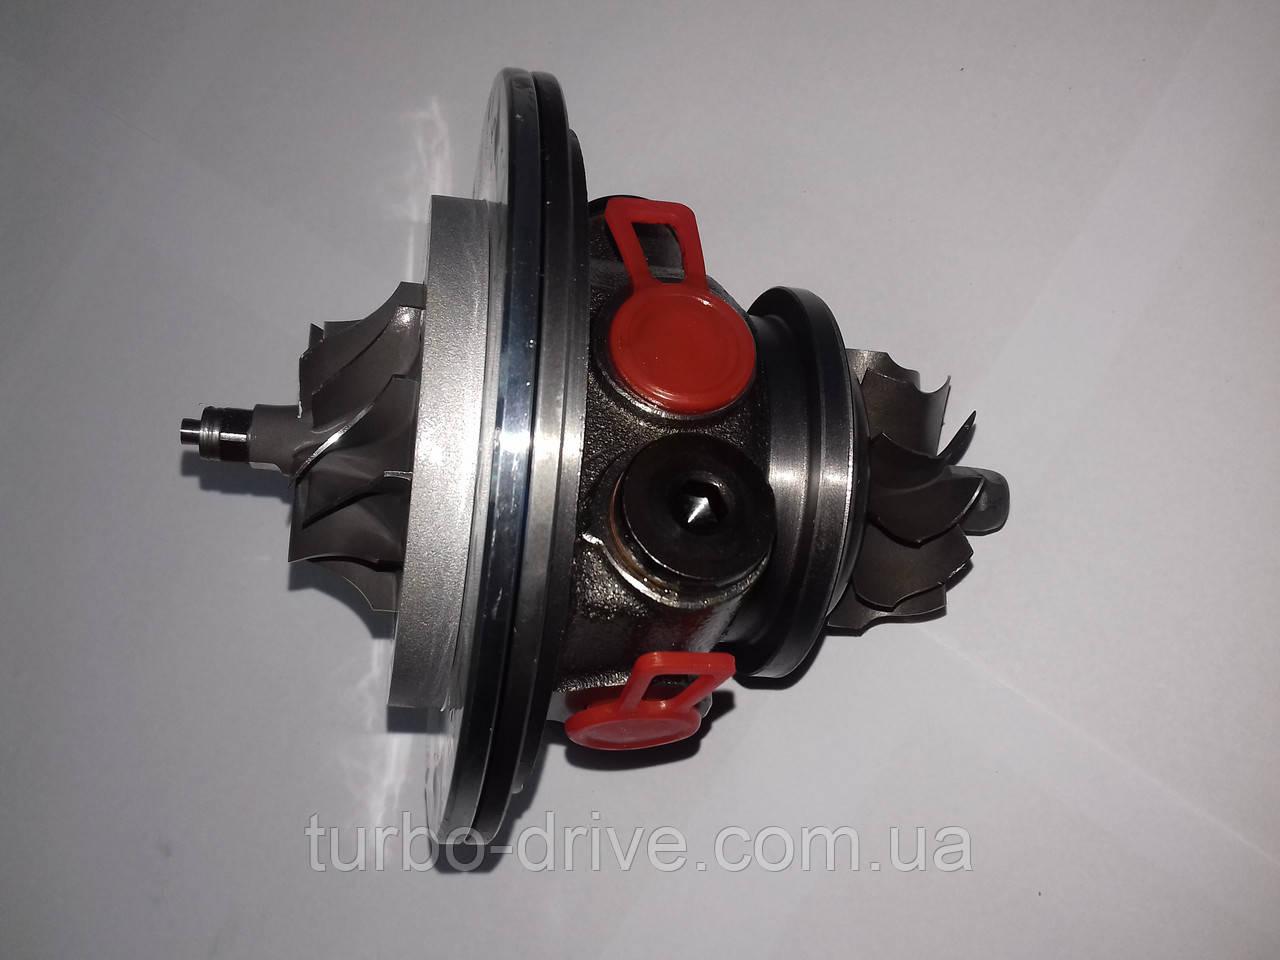 Картридж турбины Audi TT 1.8 T